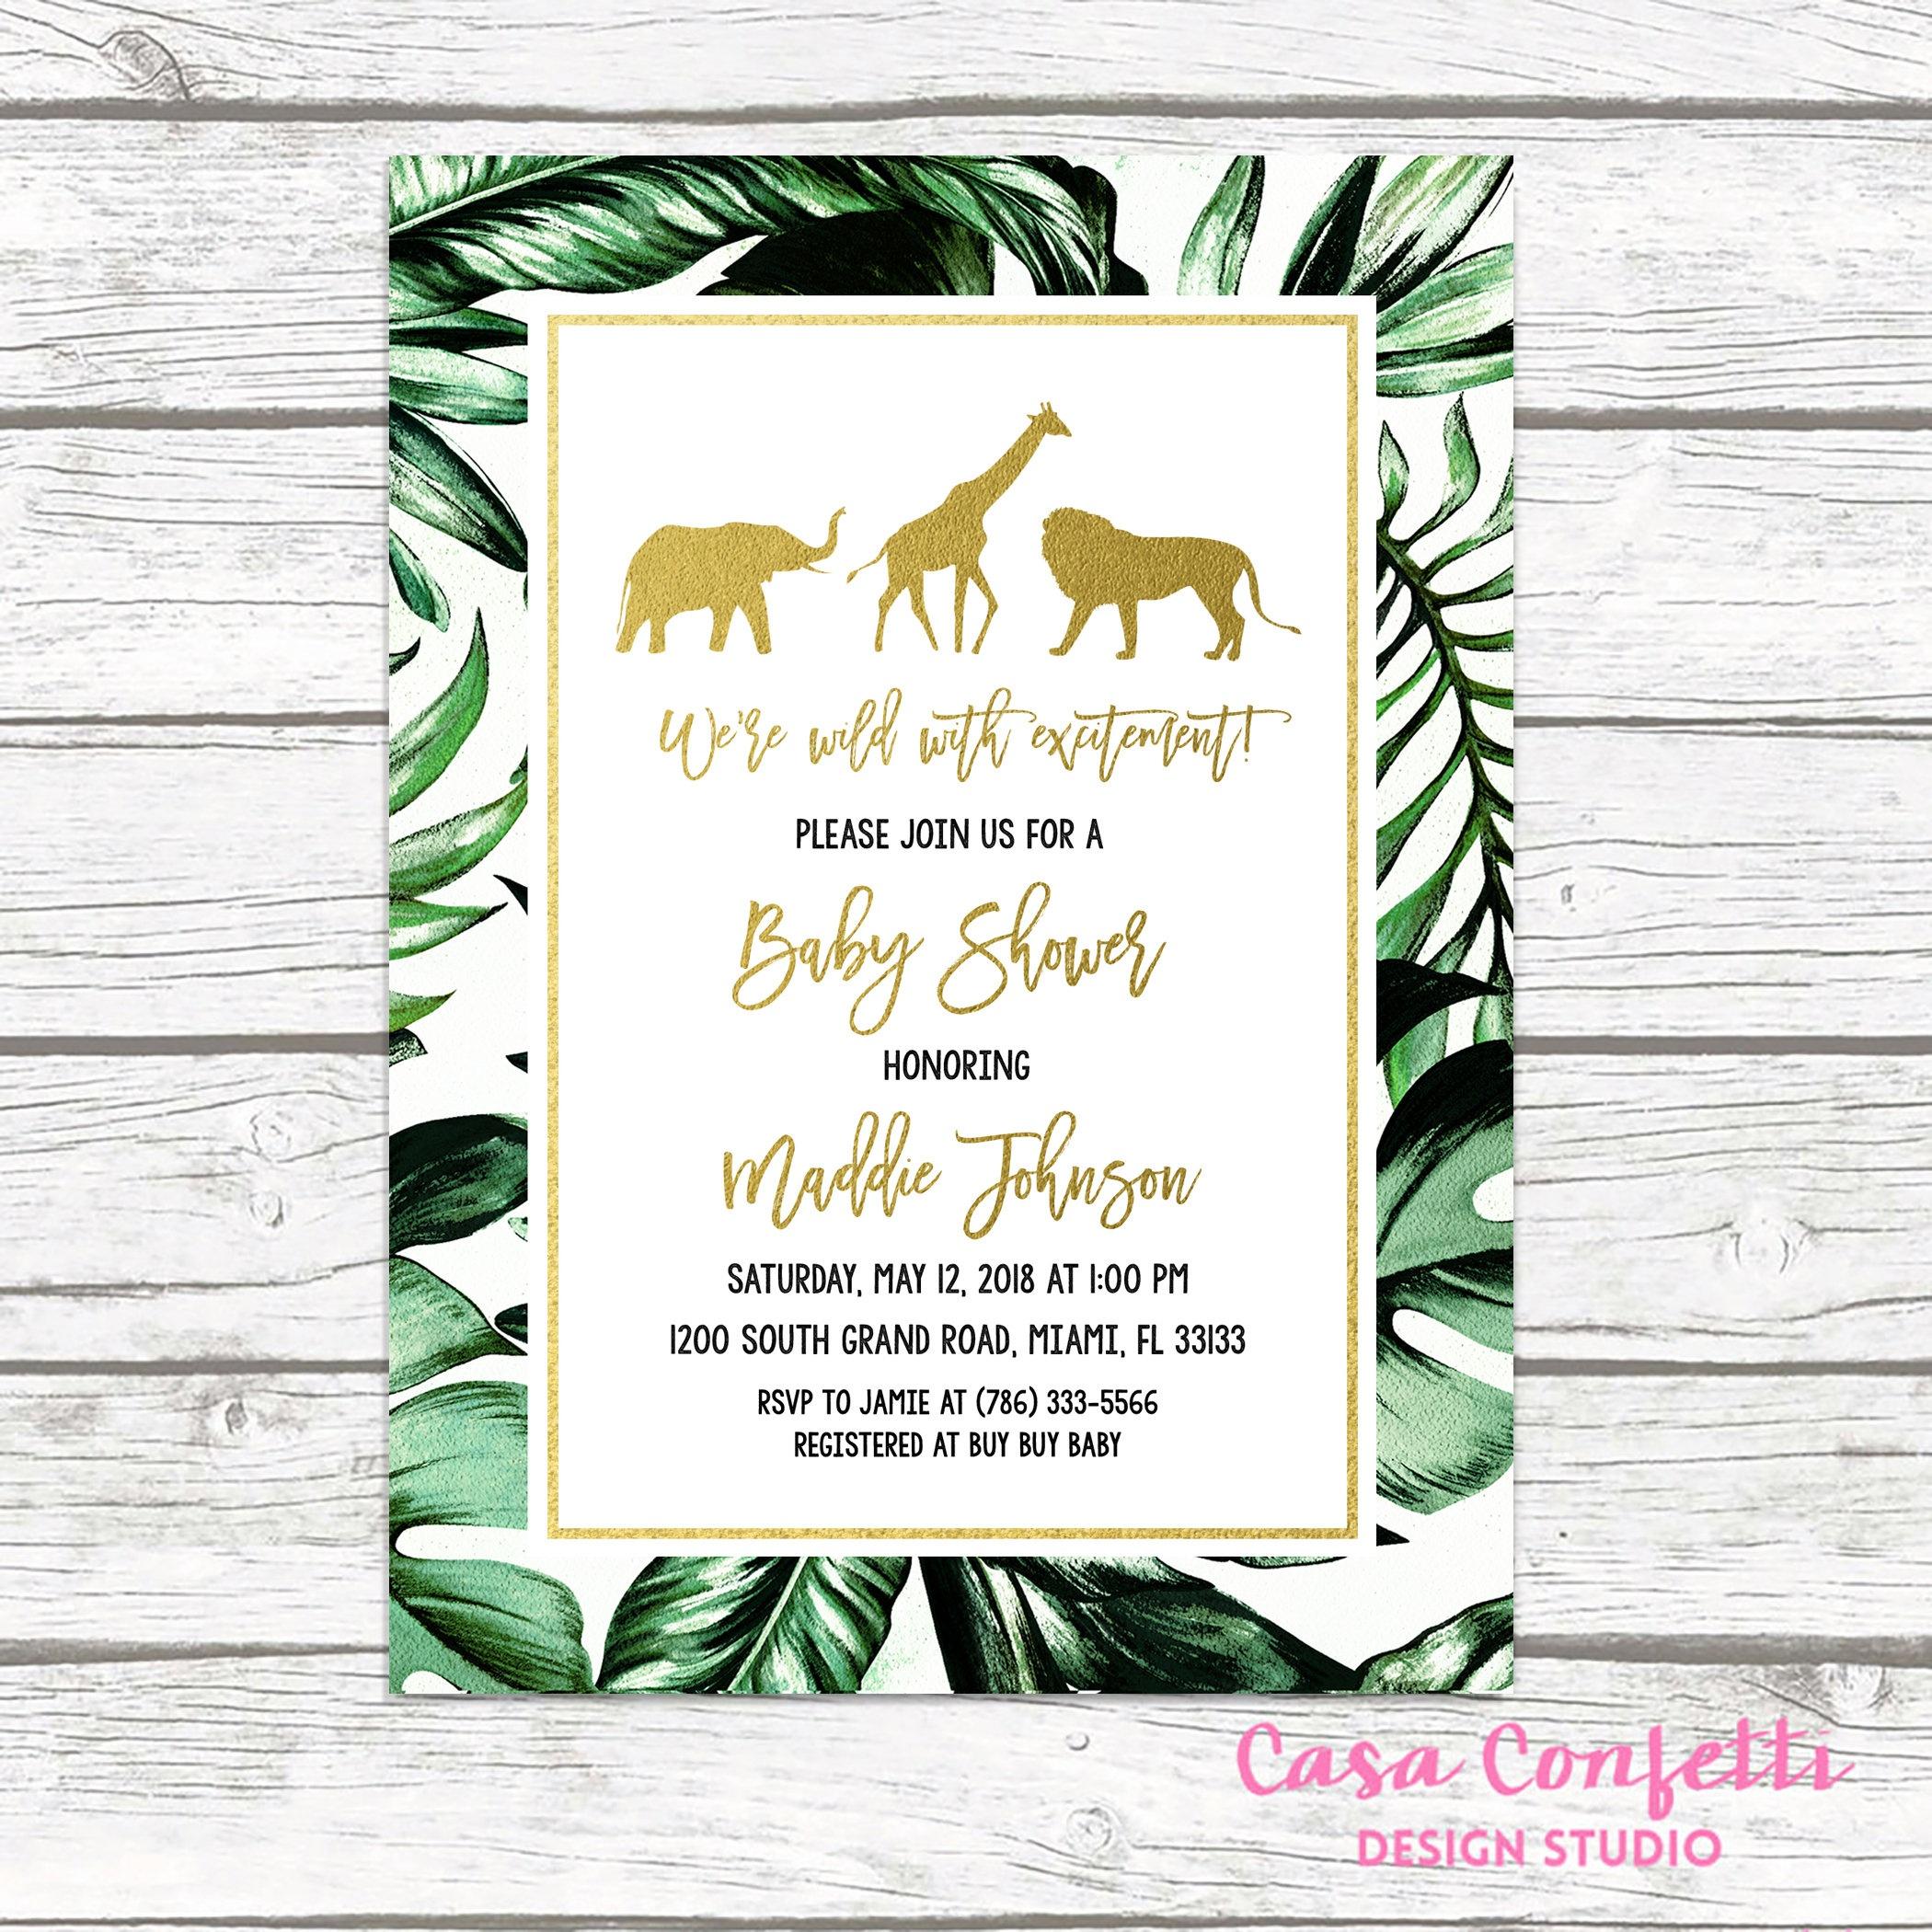 Safari Baby Shower Invitation, Gold Safari Baby Shower Invitation - Free Printable Jungle Safari Baby Shower Invitations